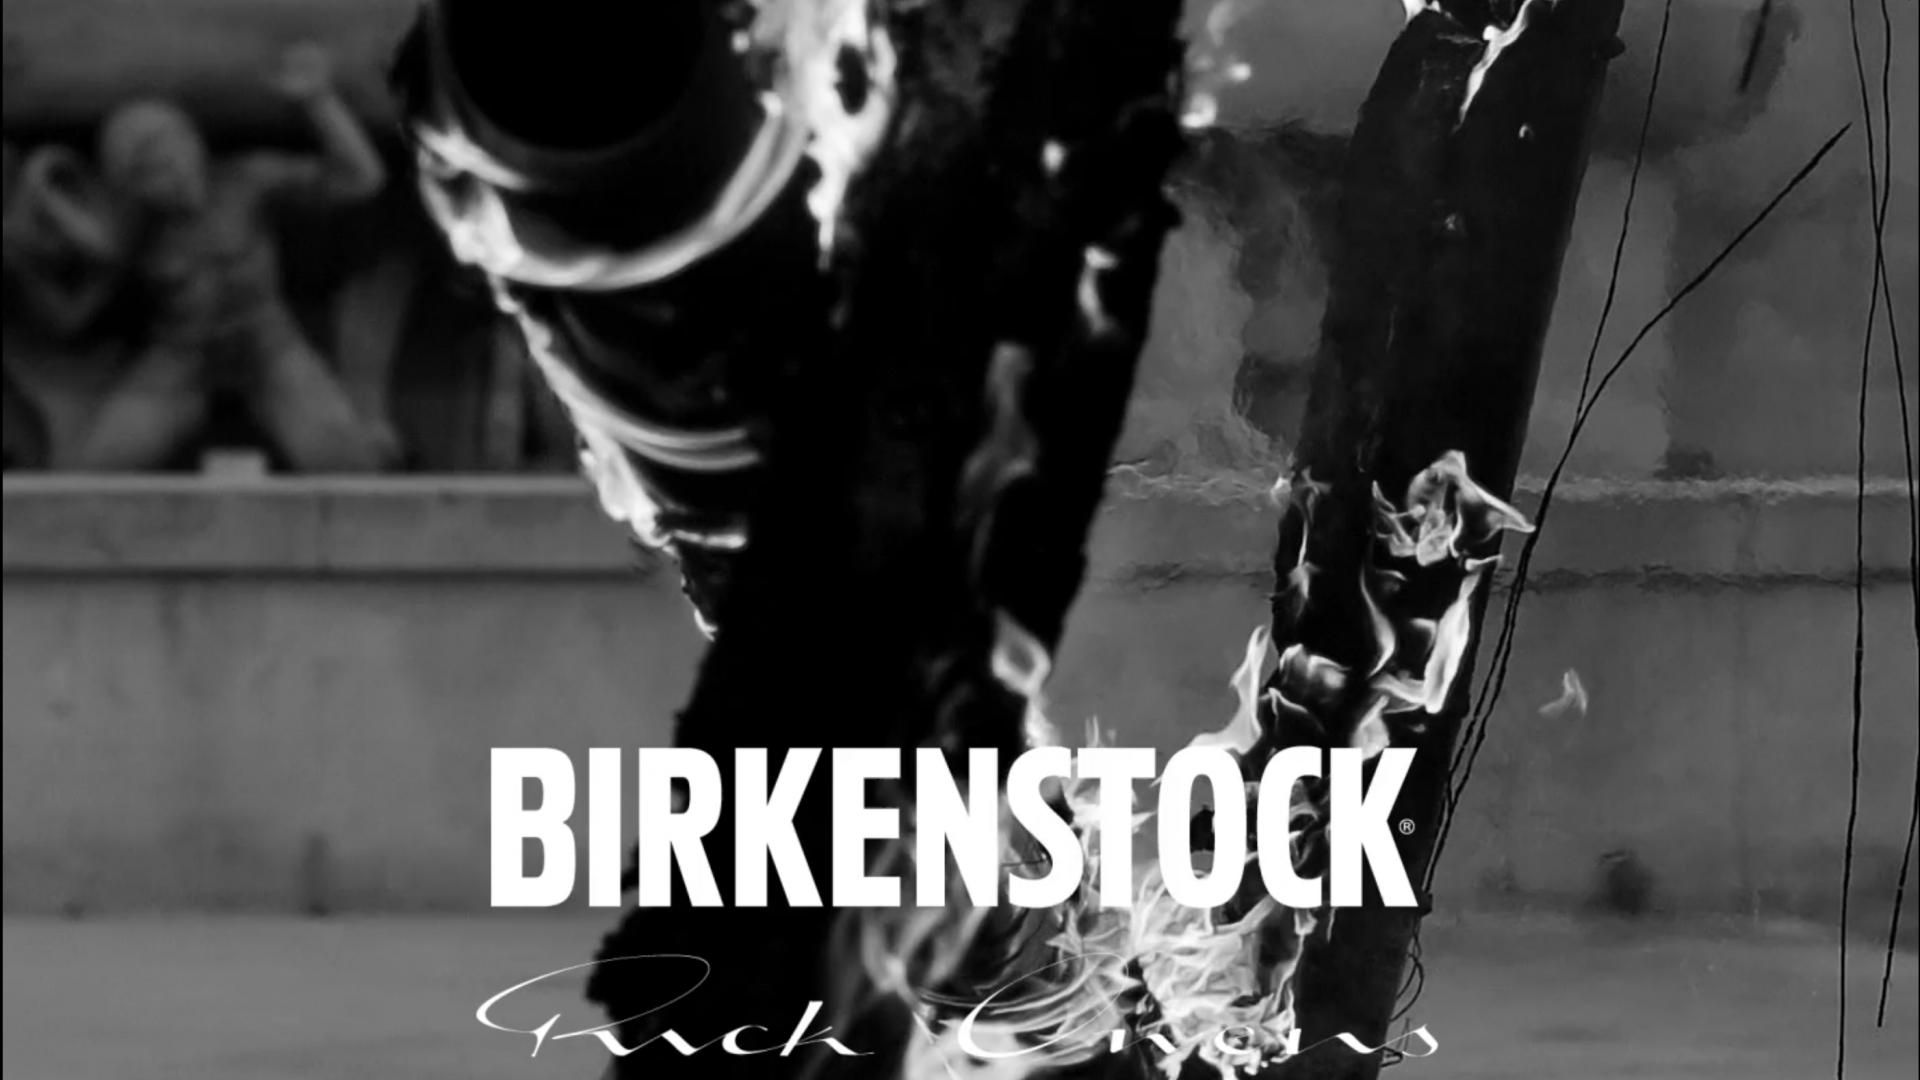 Birkenstock Video Screenshot